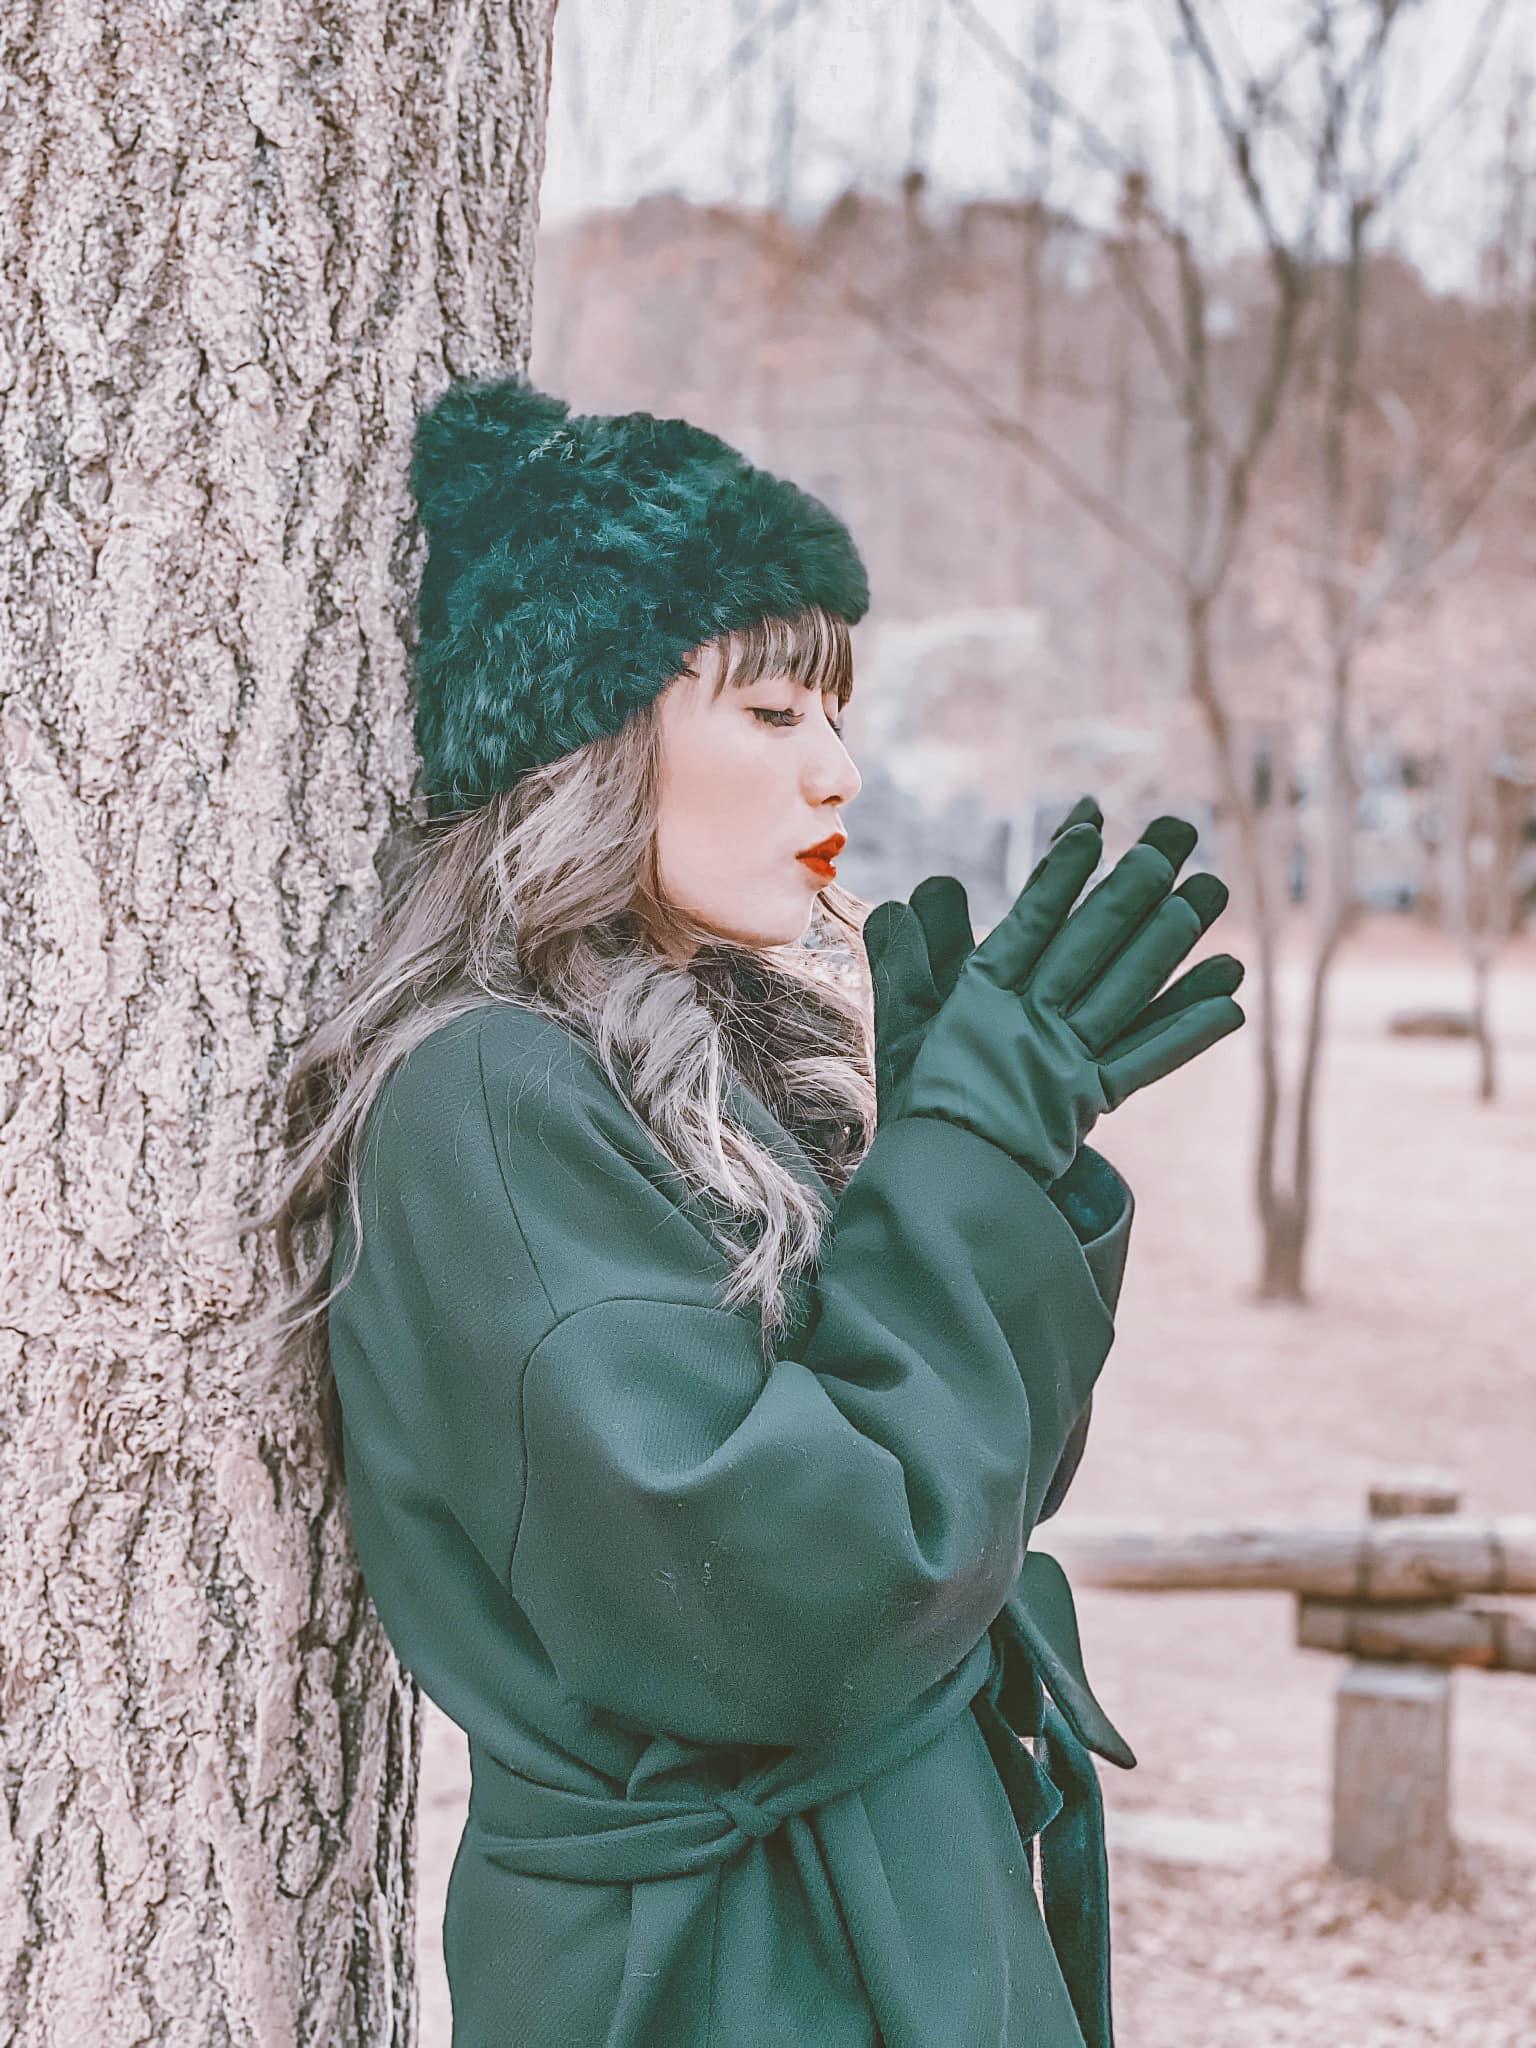 Hàn Quốc. ravelholic Lý Anh Thư, dulichchat, du lịch chất, blog du lịch, tuân cuồng chân blogger